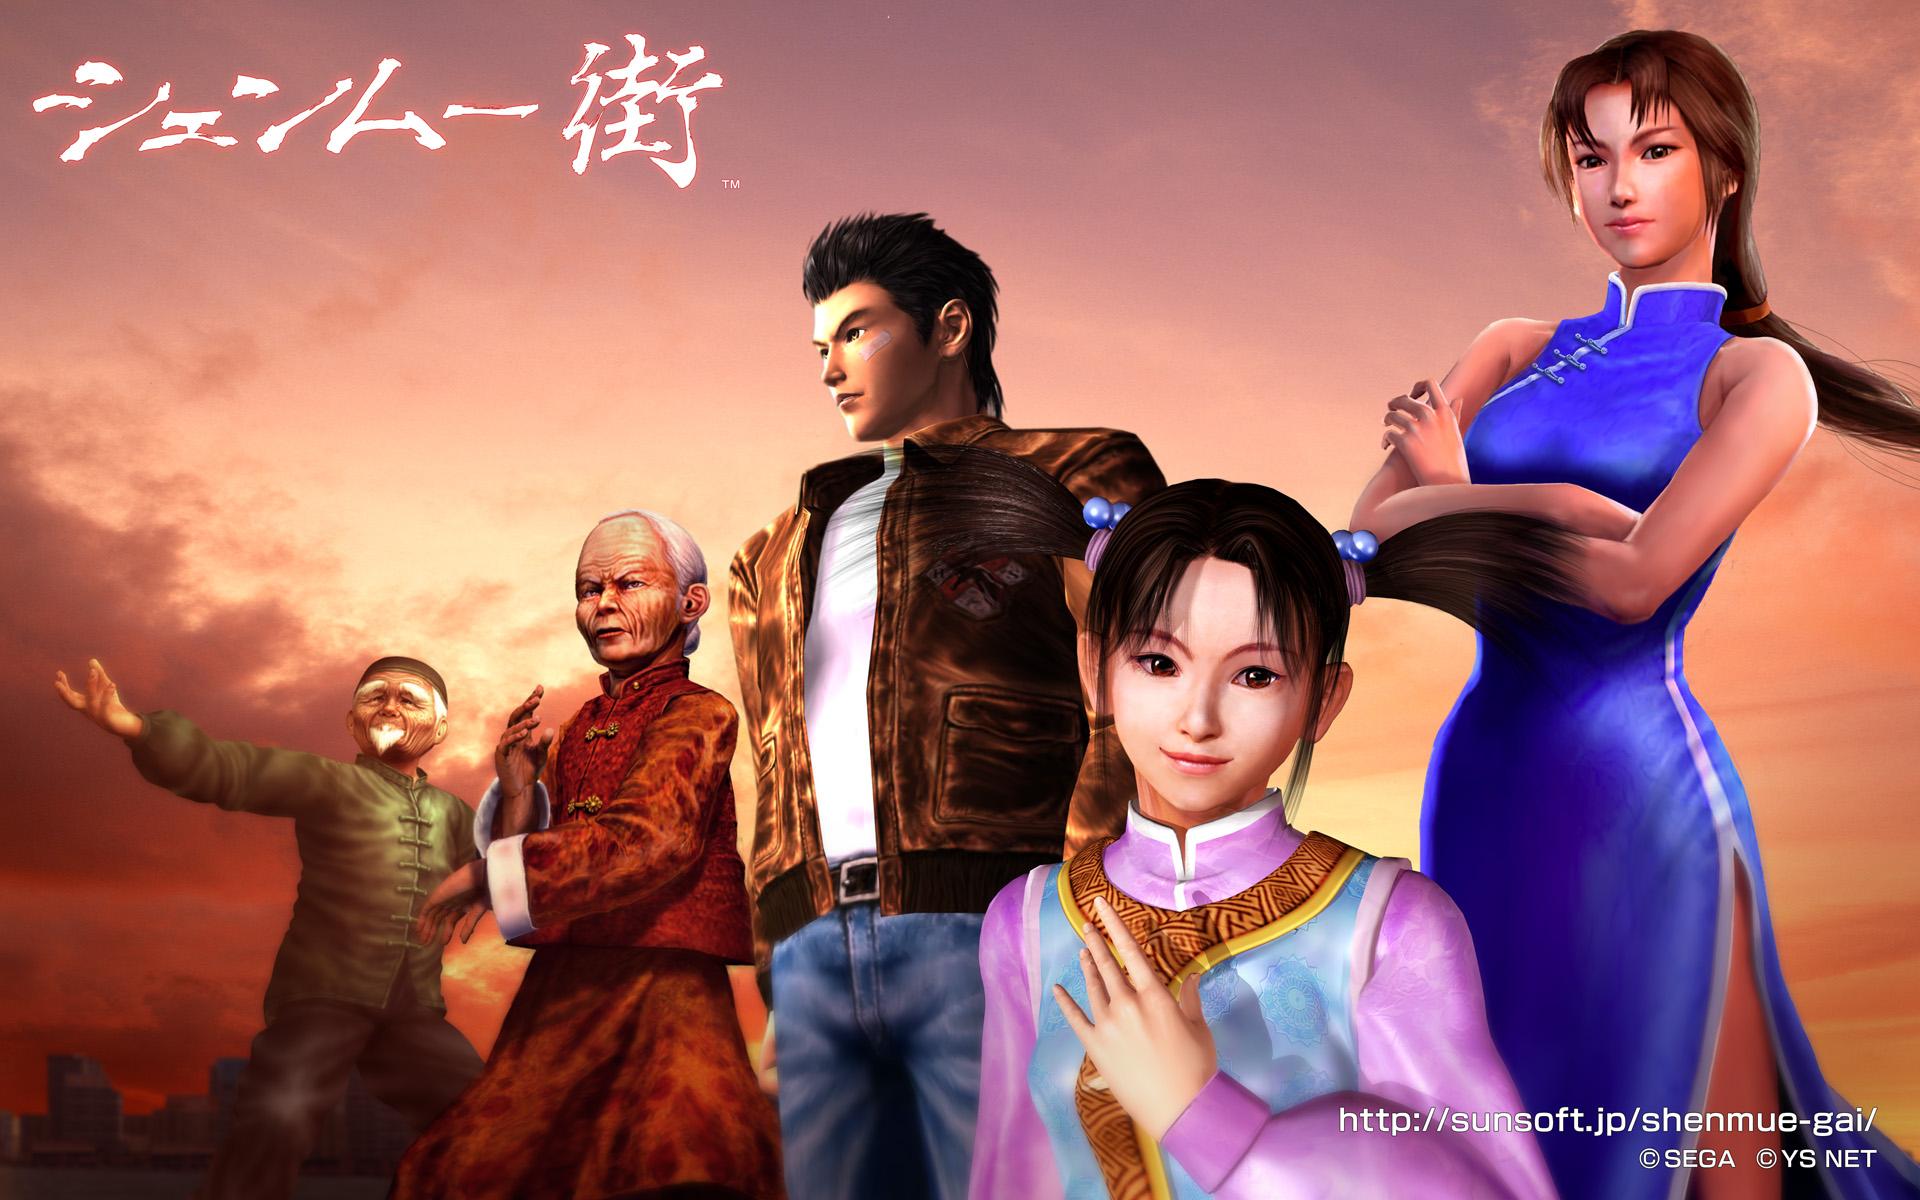 Jedan od zvaničnih wallpapera za Shenmue Gai, koristi postojeći art iz druge igre.